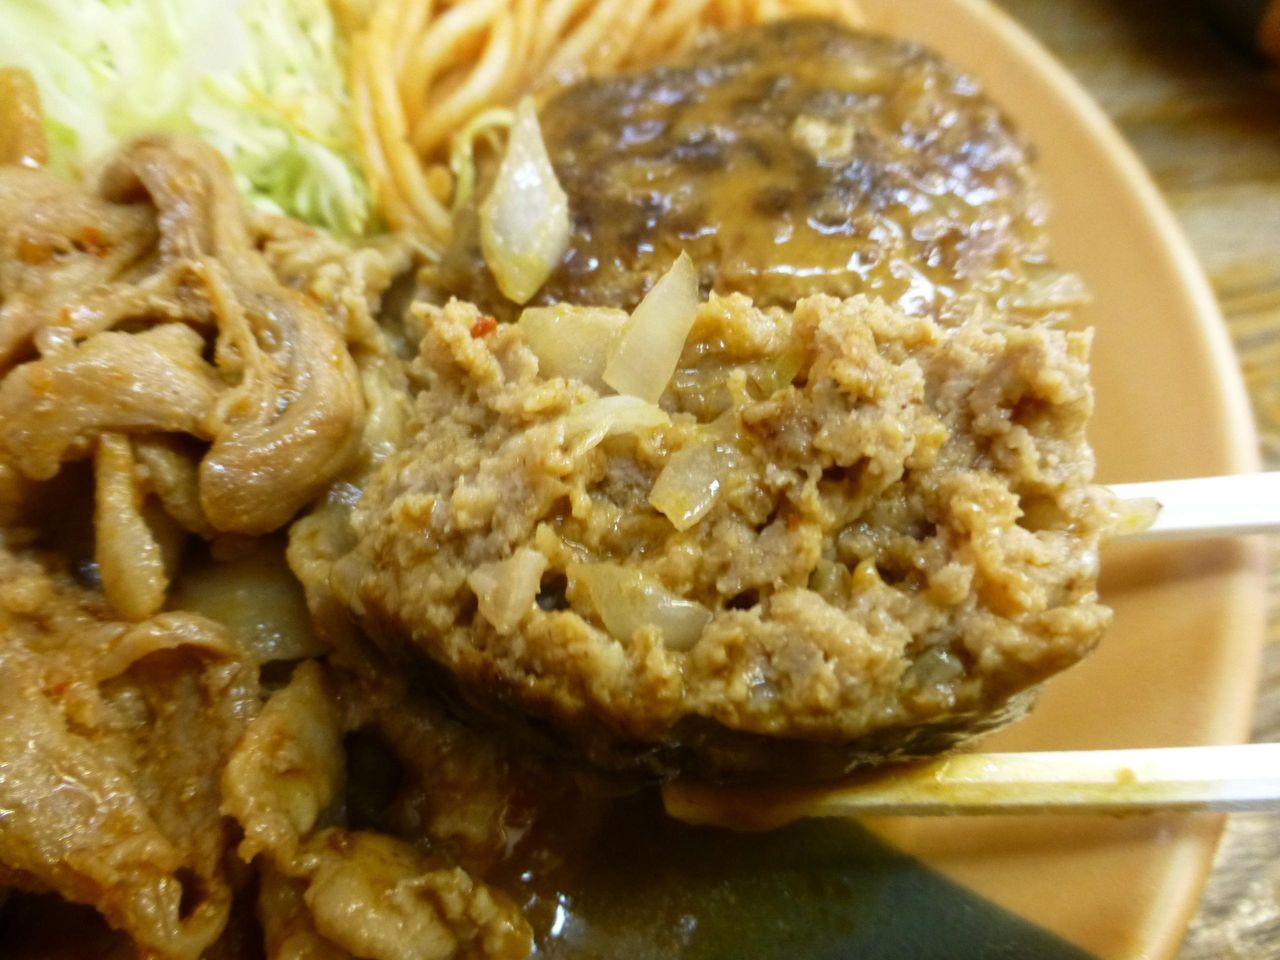 肉の食感はあまりなく、煮込みハンバーグ風の味わい!